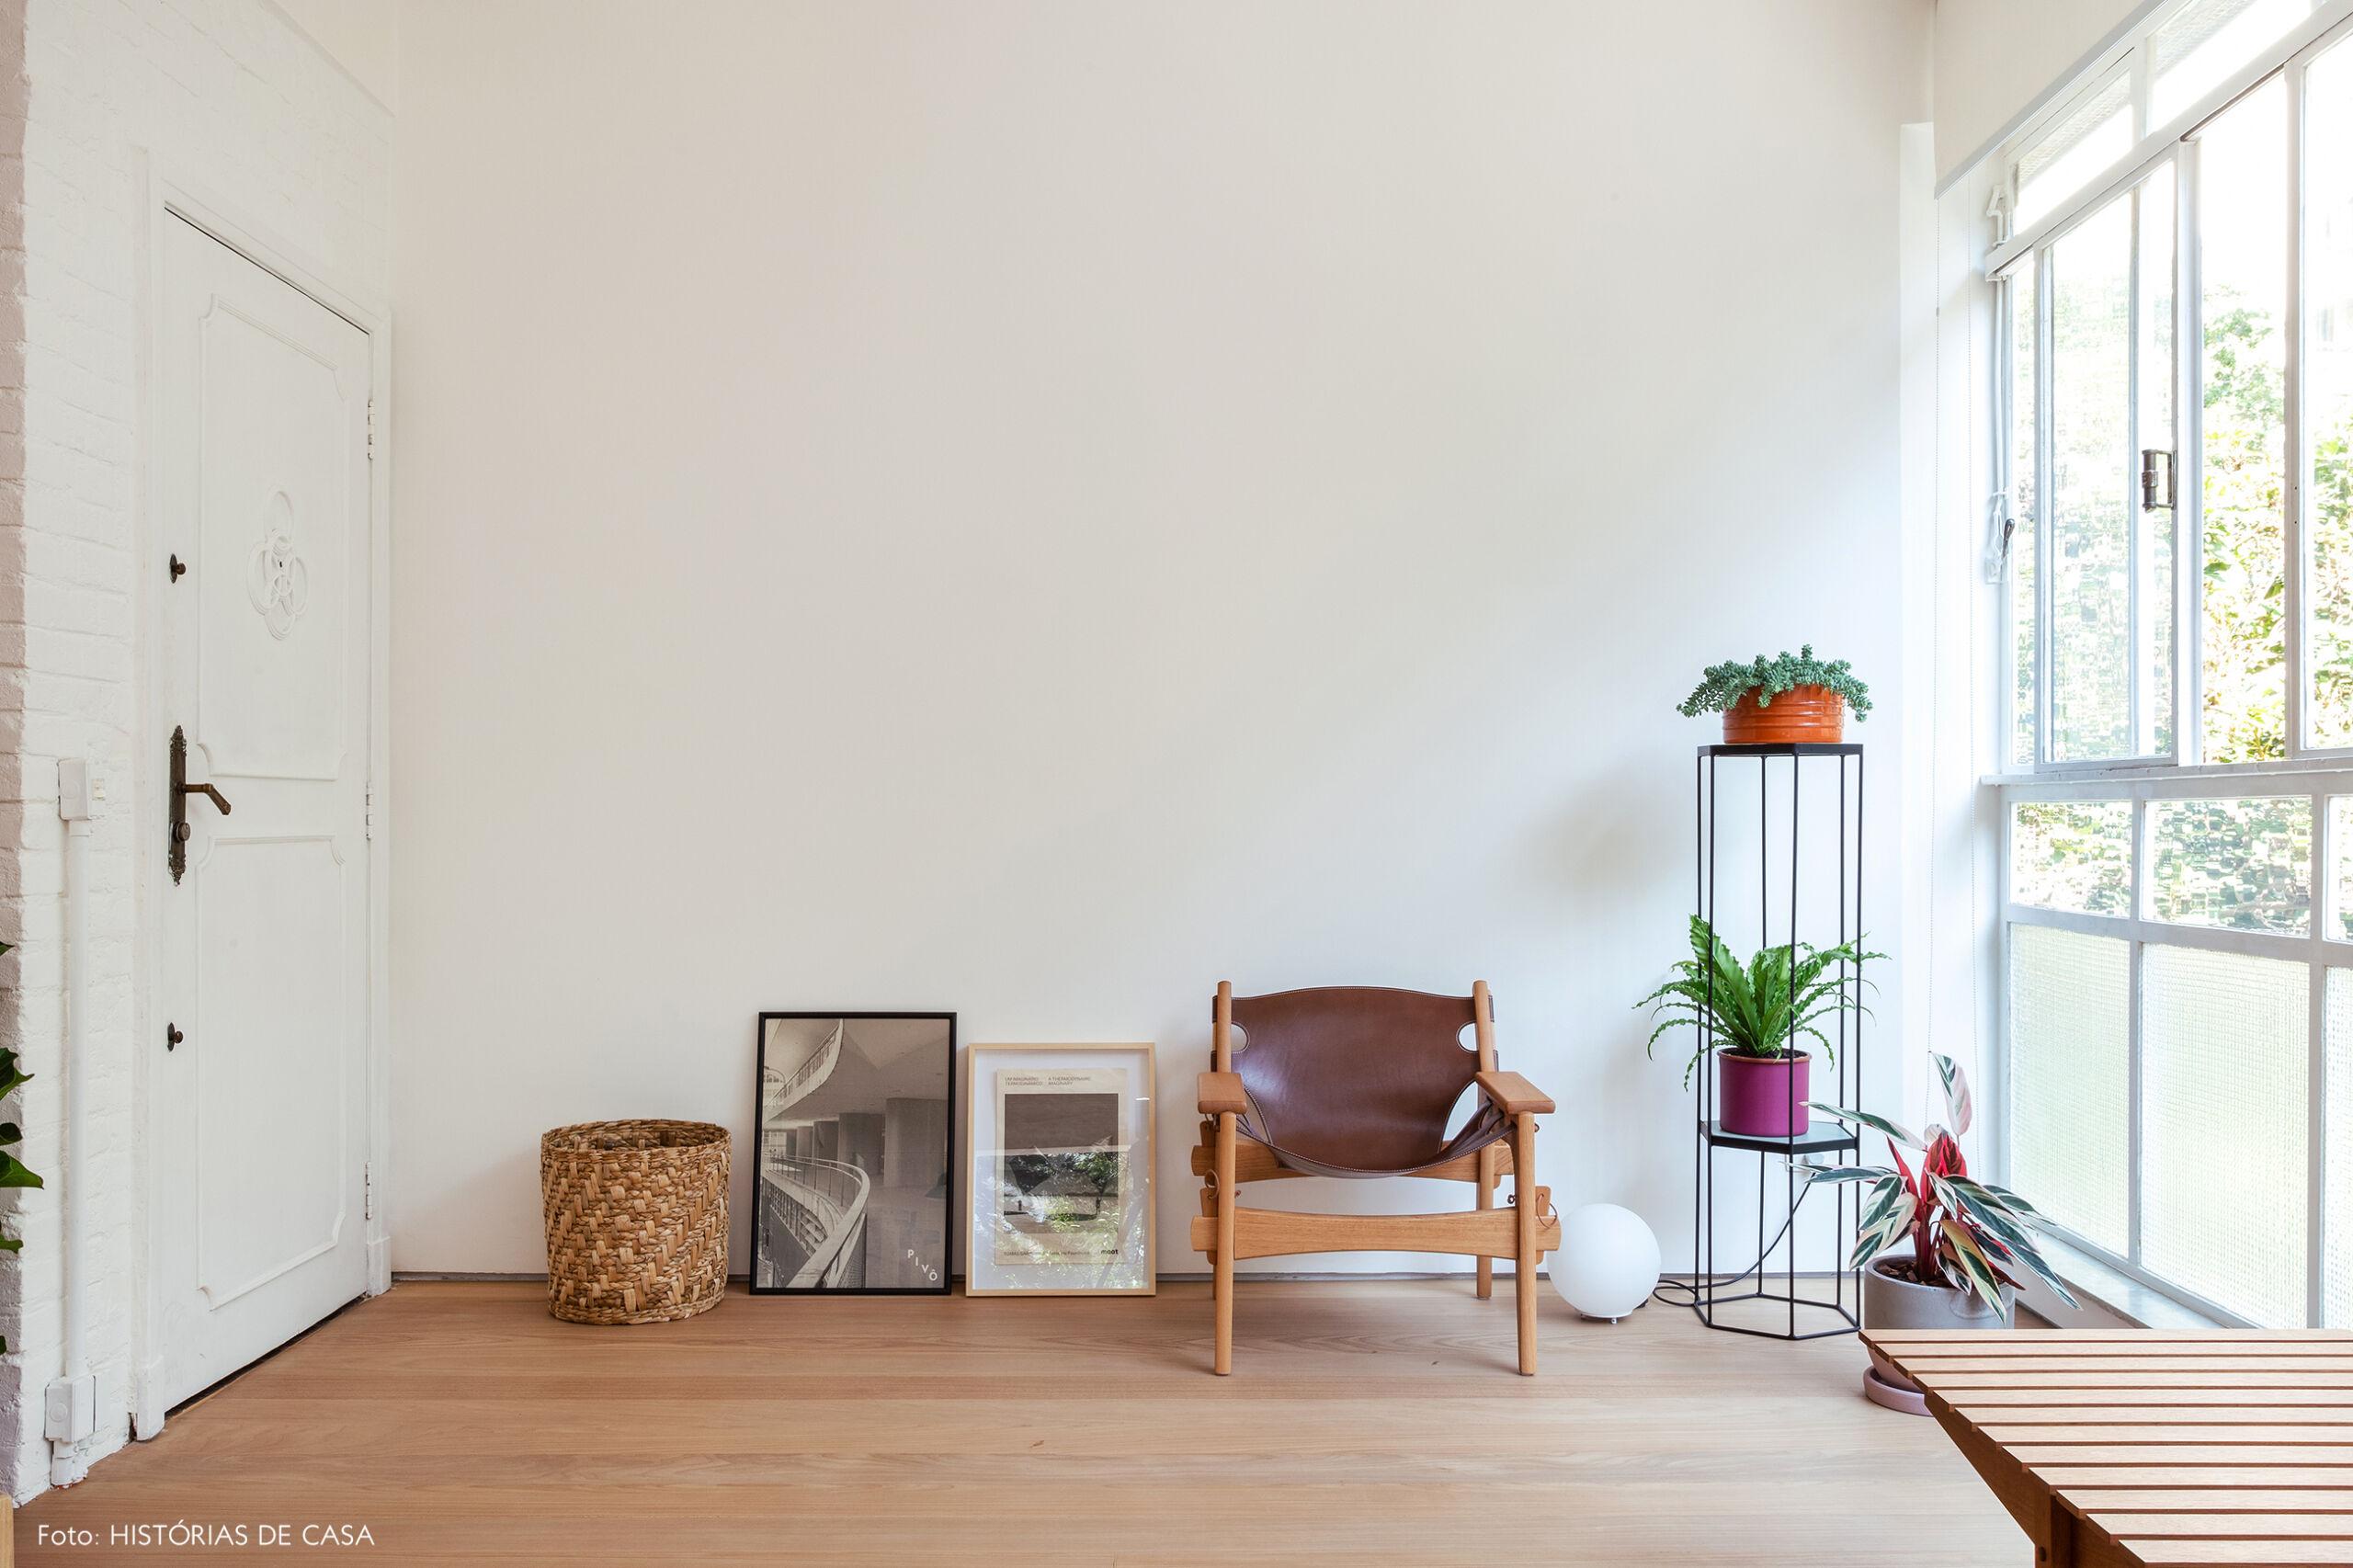 Sala de estar em apartamento reformado